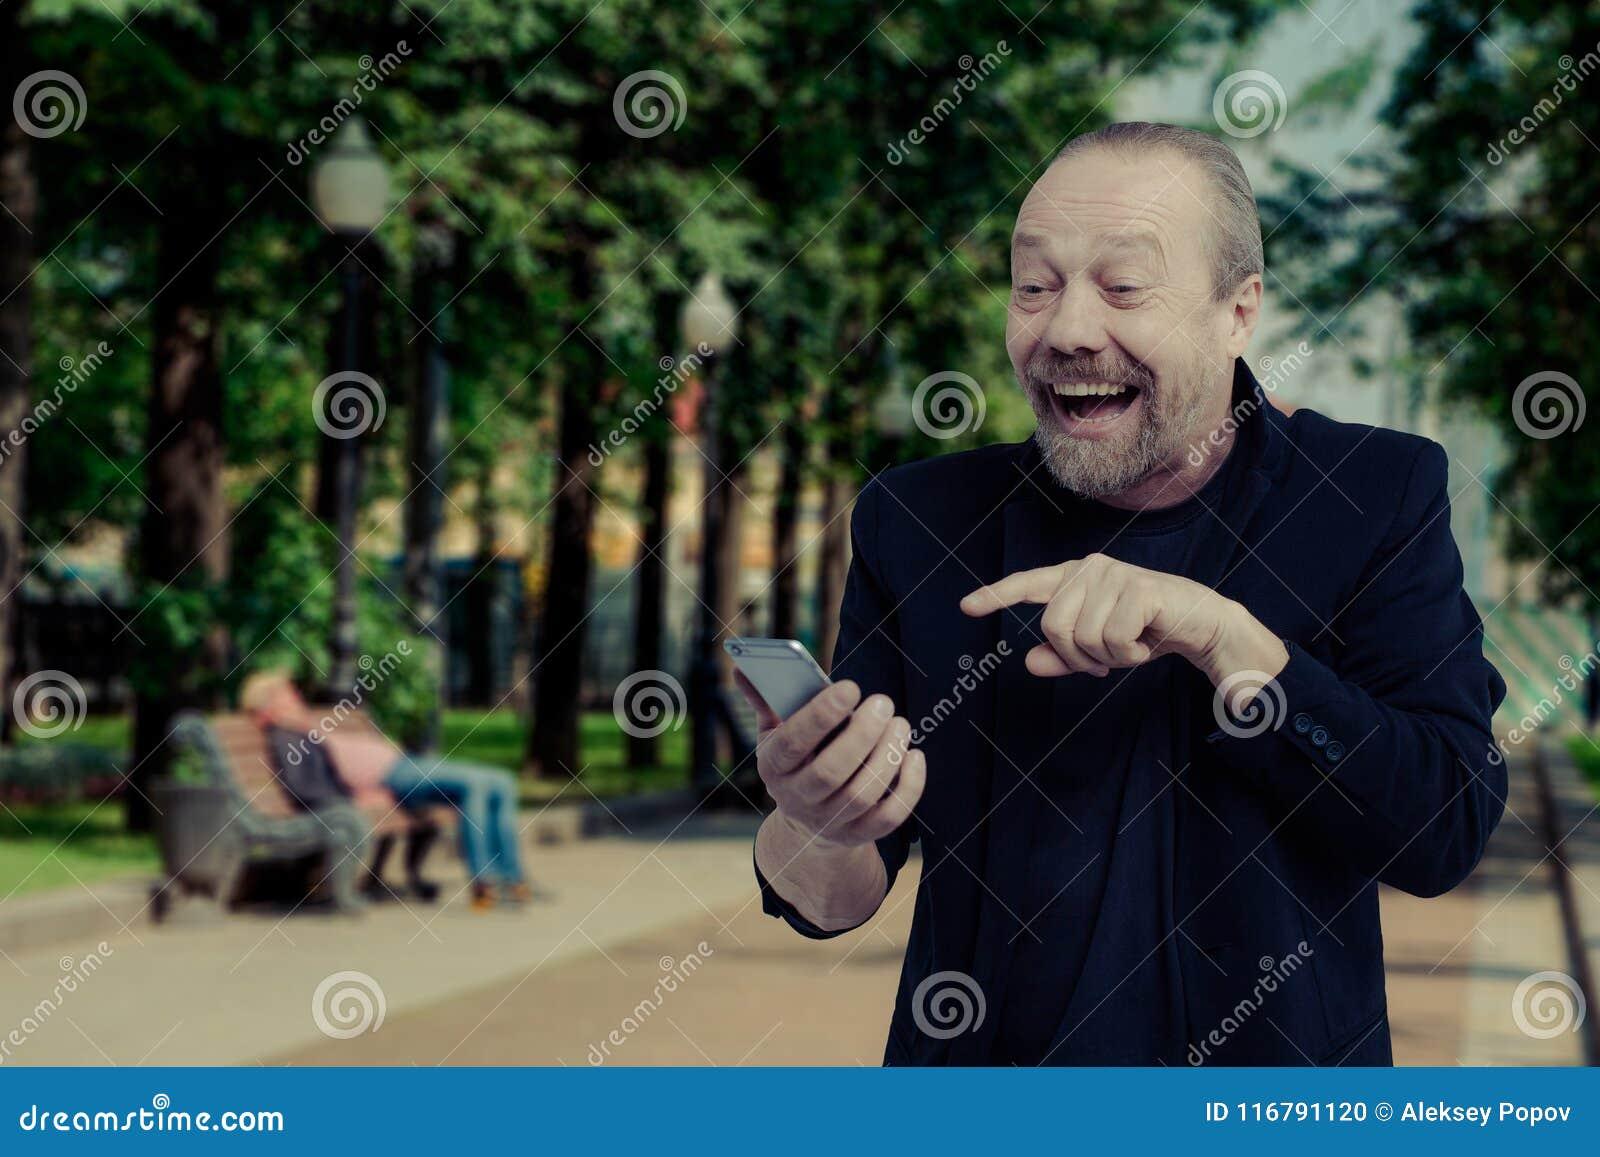 Ein netter, bärtiger, weißer Mann spricht am Telefon